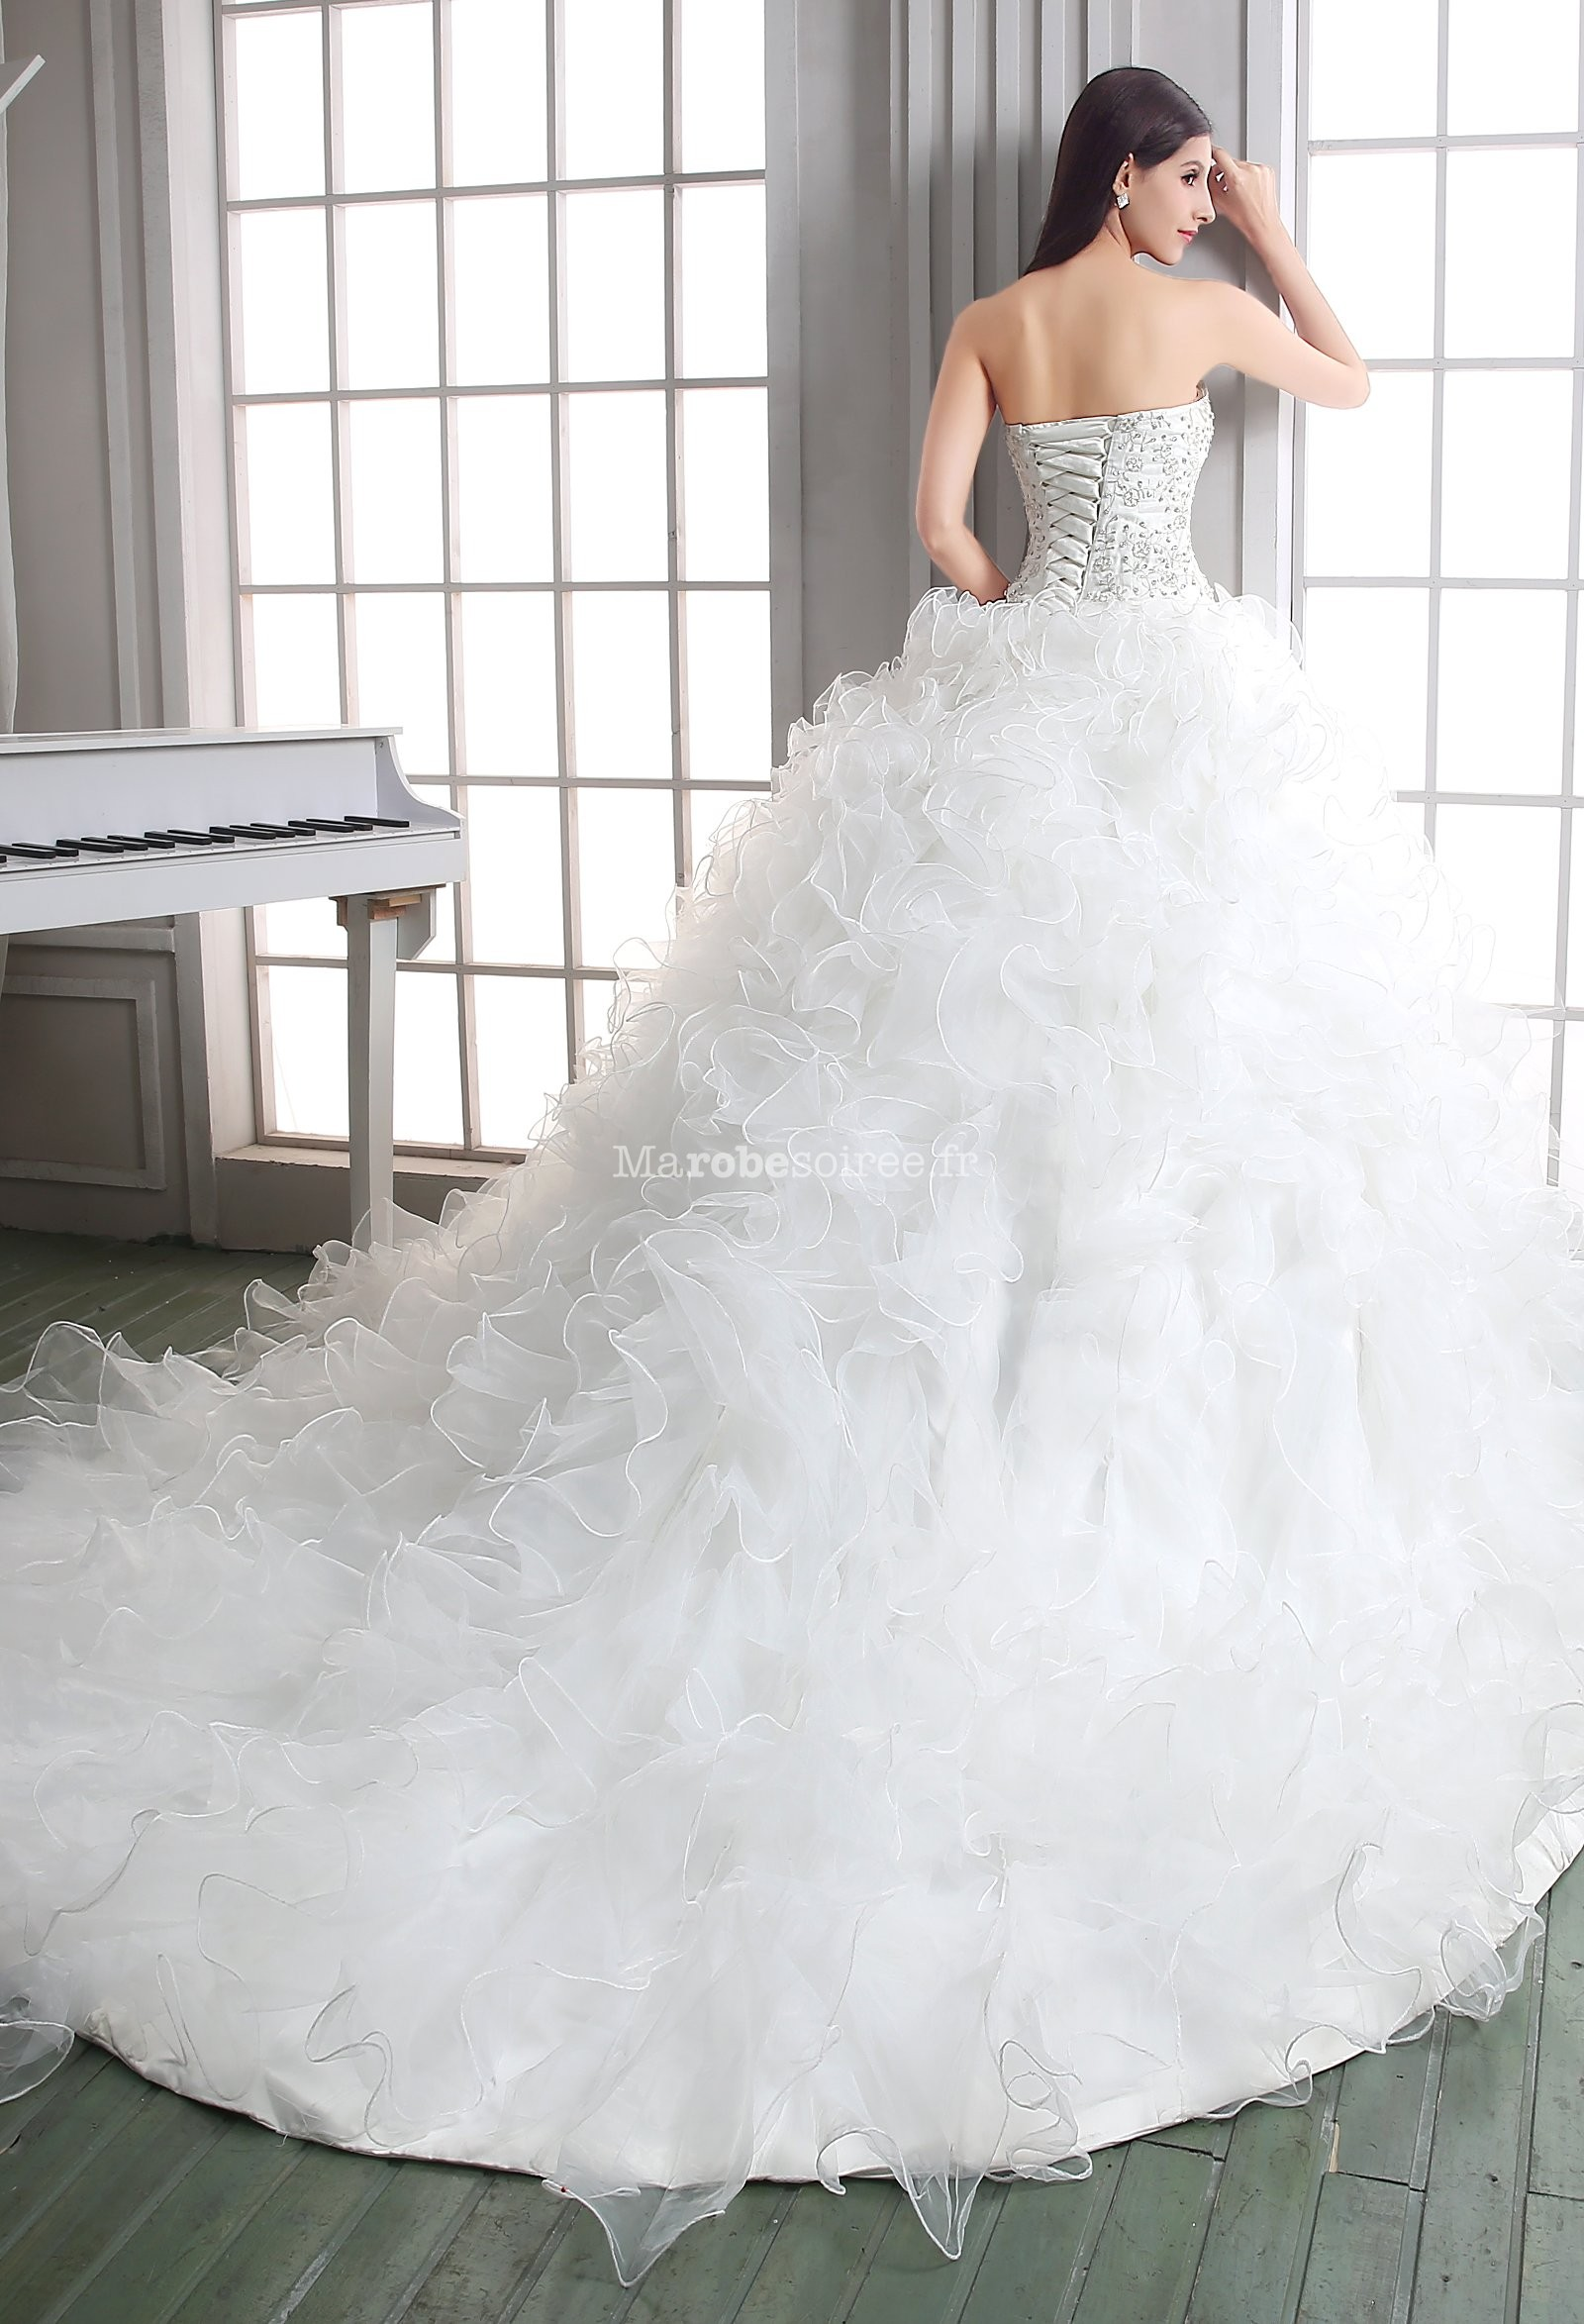 robe de mari e princesse avec traine id es et d 39 inspiration sur le mariage. Black Bedroom Furniture Sets. Home Design Ideas